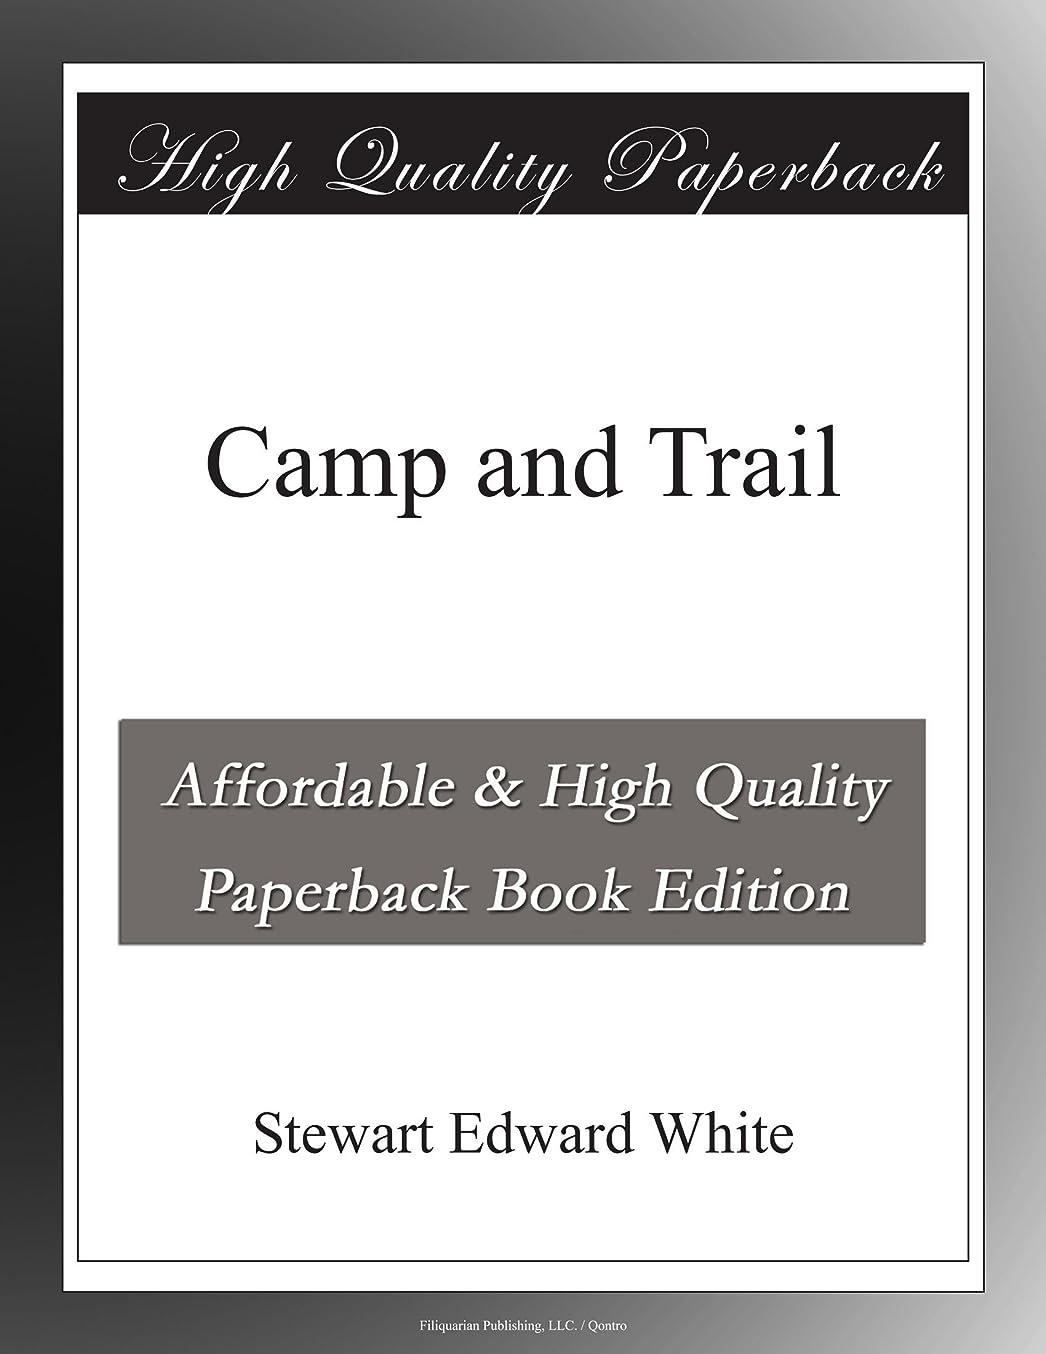 船員膨らみ天Camp and Trail